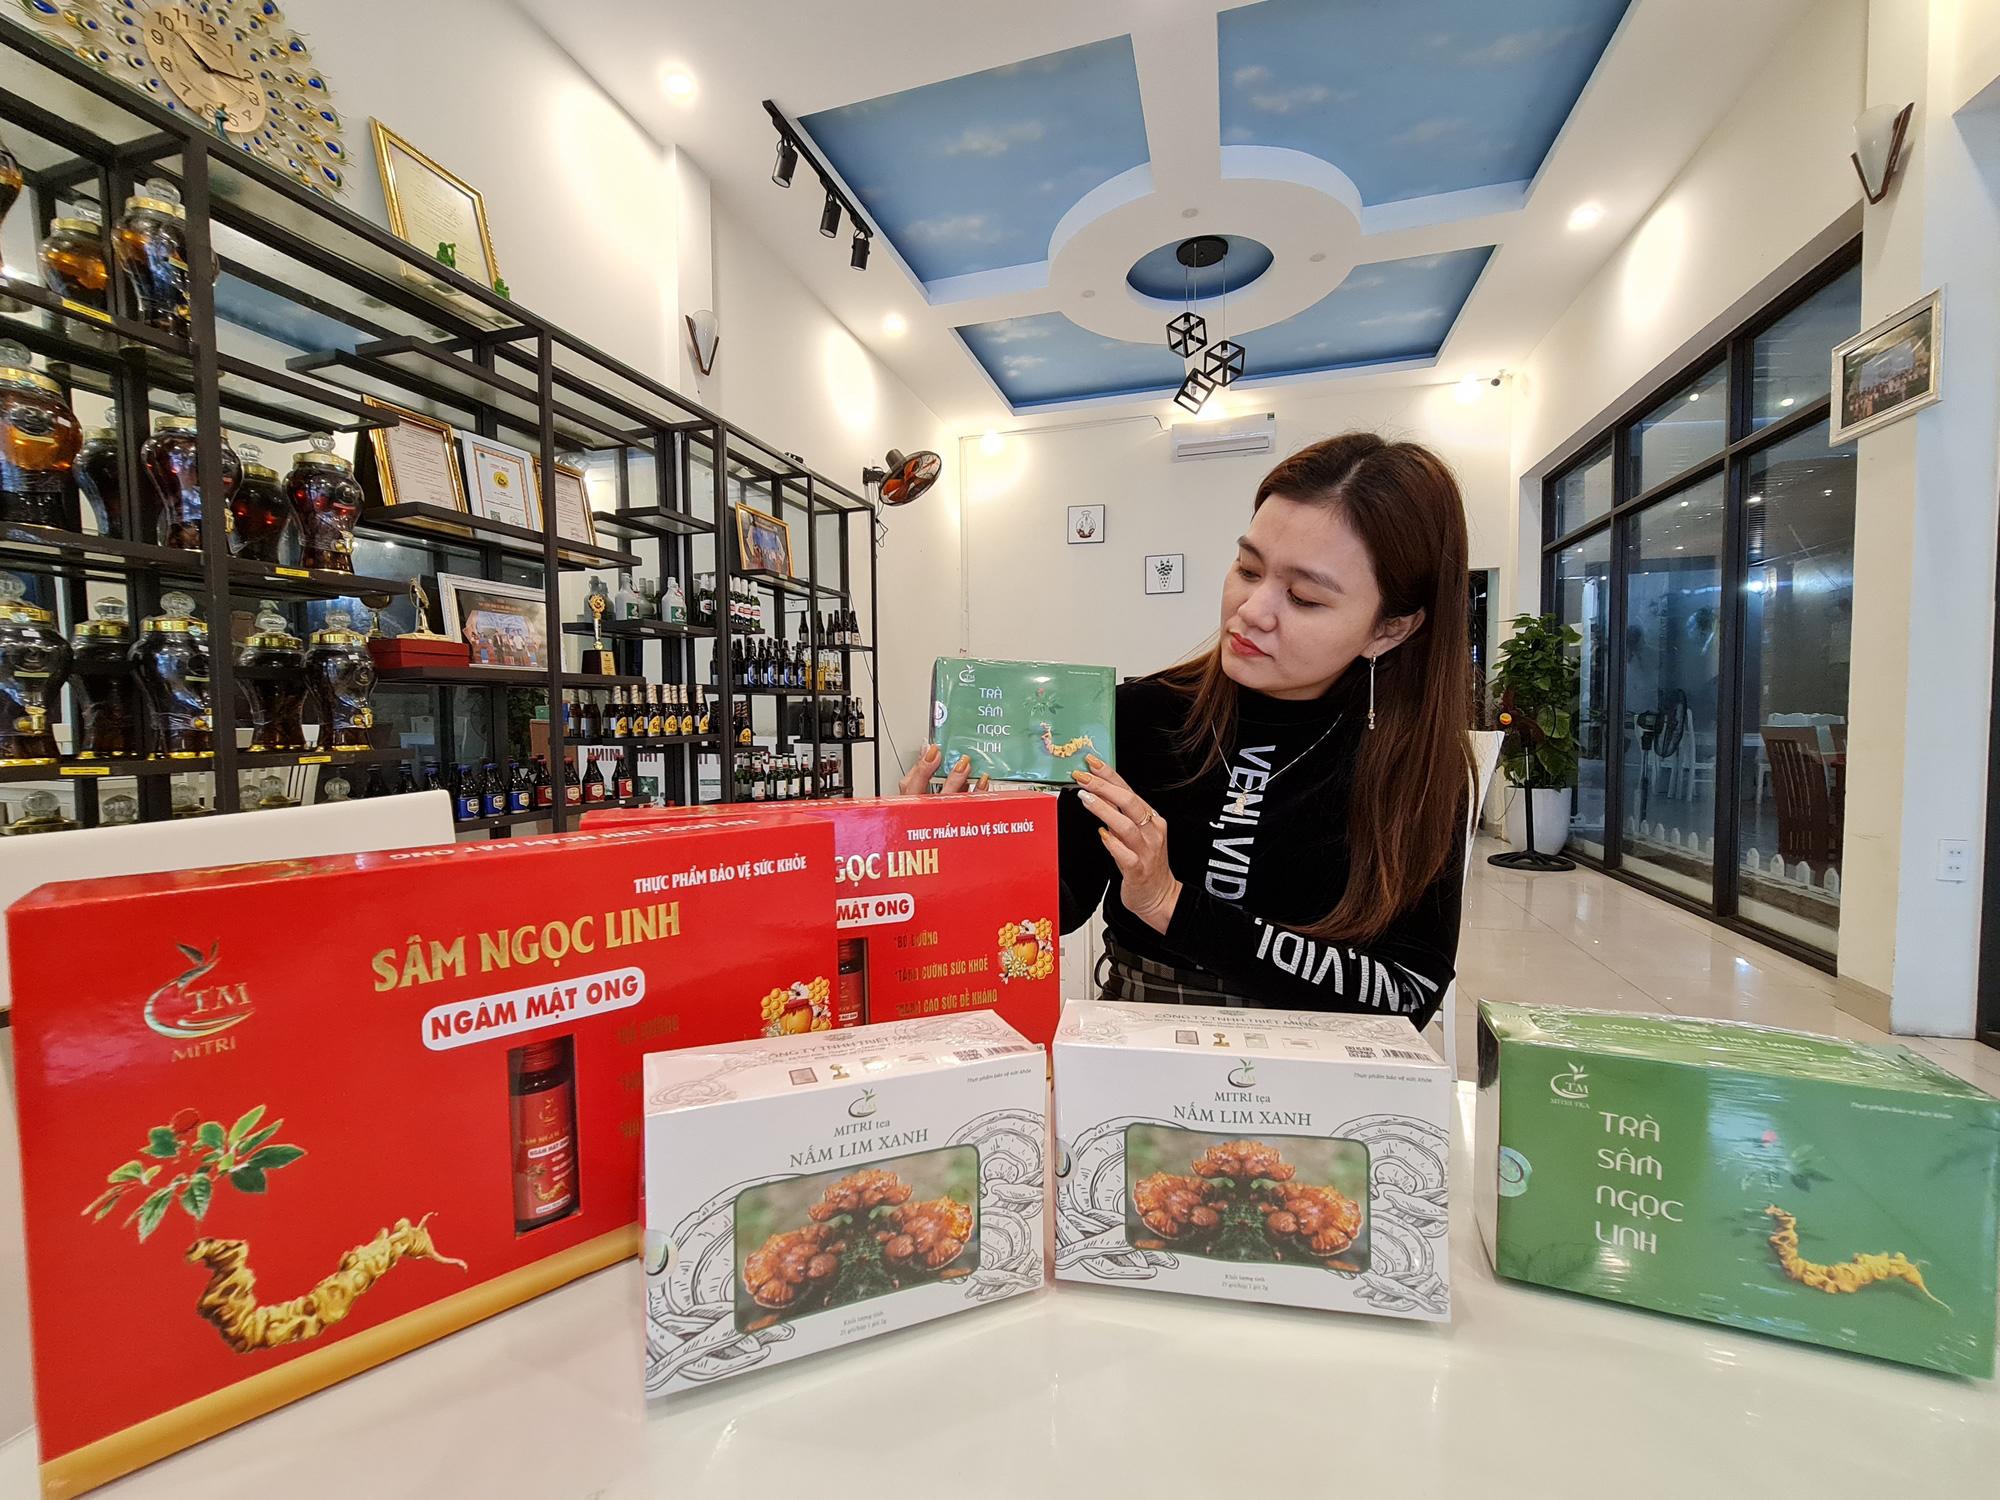 Ngày hội khởi nghiệp: Quảng Nam - Vùng đất mở cho khởi nghiệp sáng tạo   - Ảnh 4.